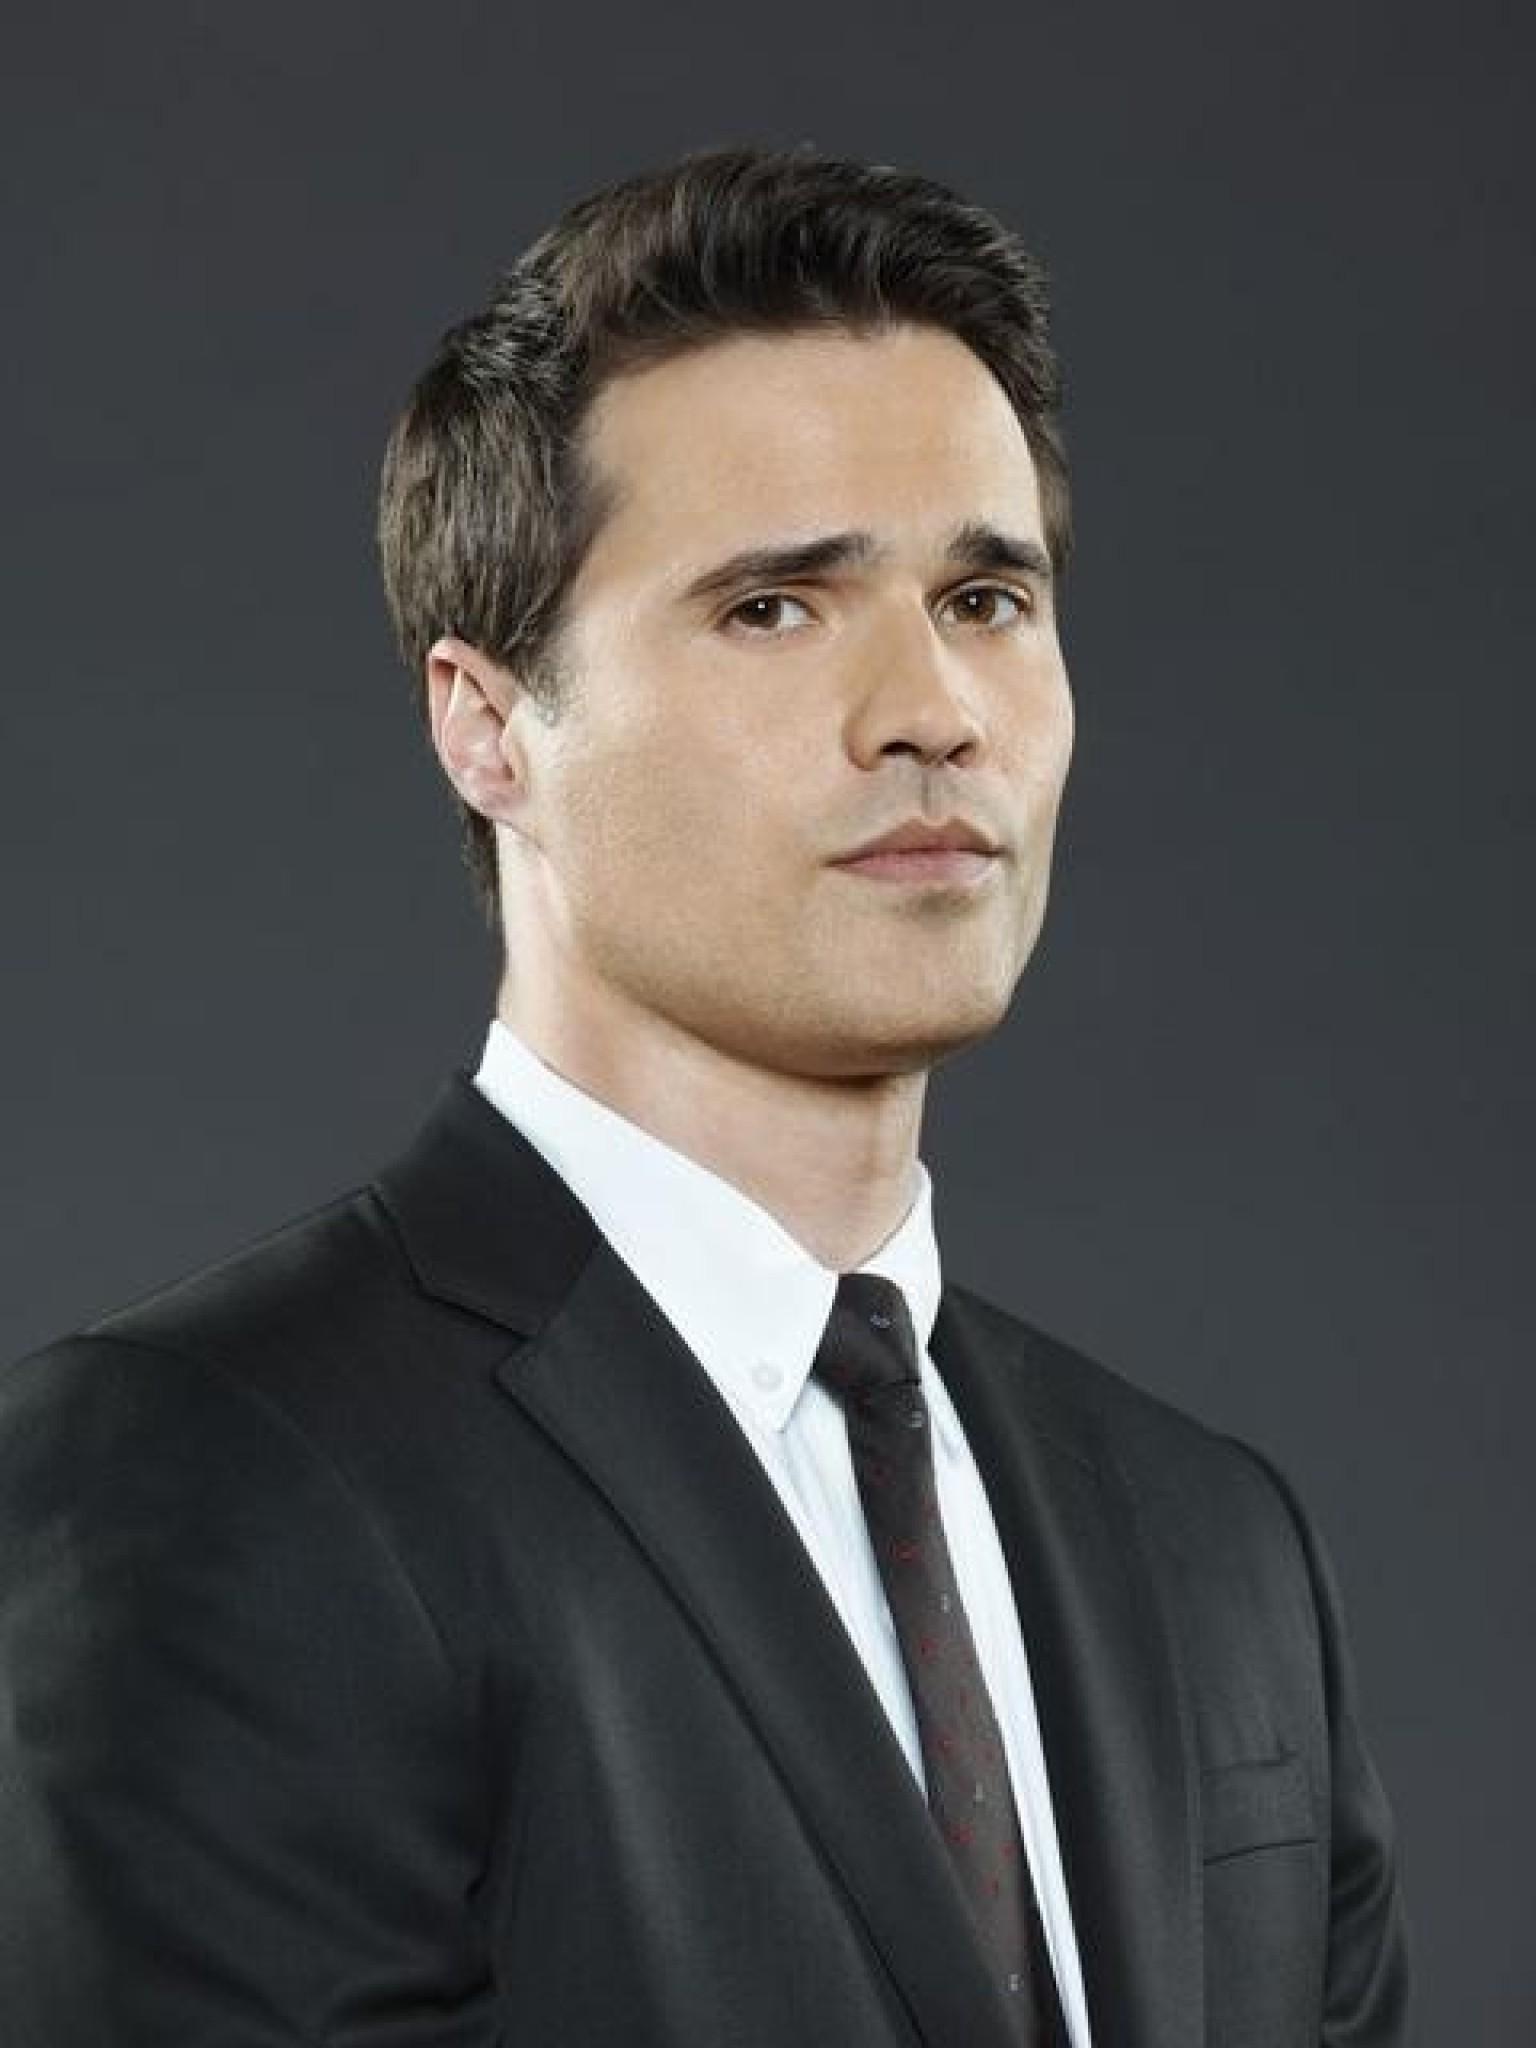 Meet 'S.H.I.E.L.D.' Agent Grant Ward